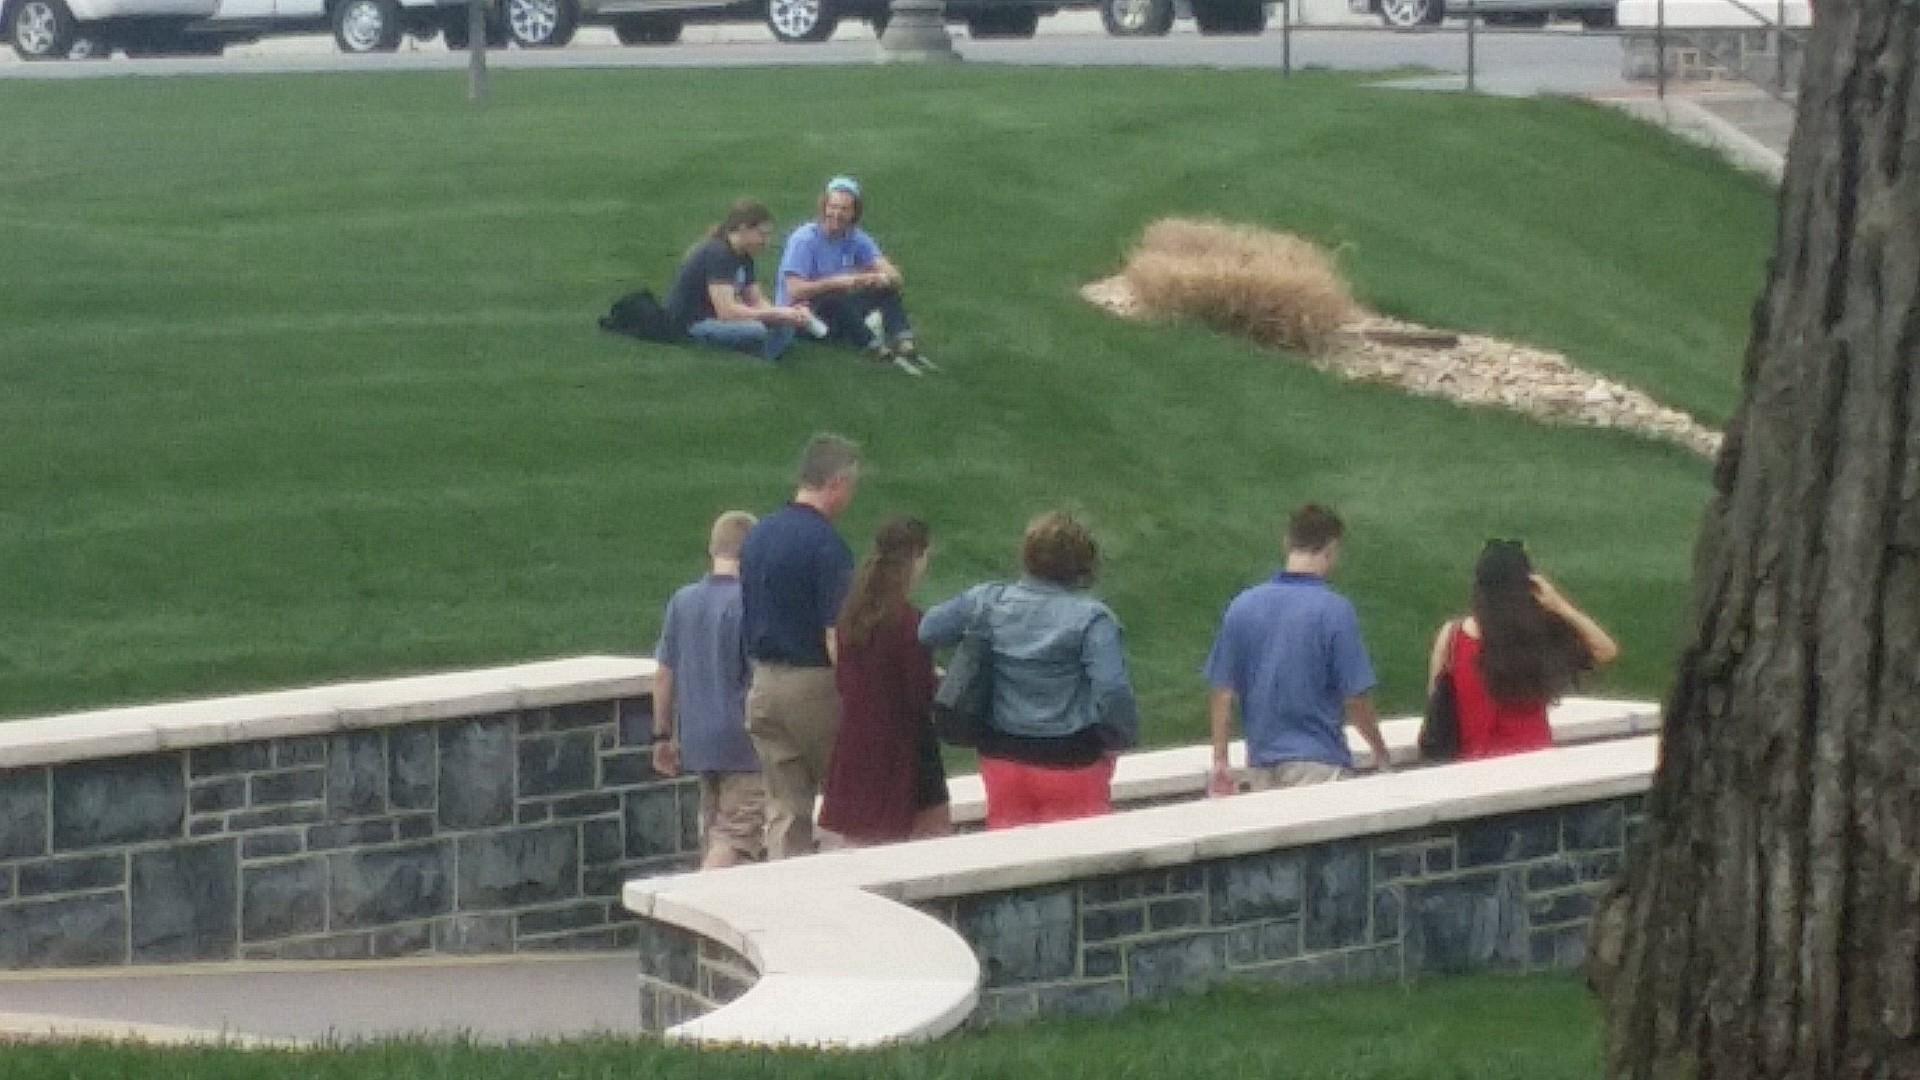 Random family found perusing the quad